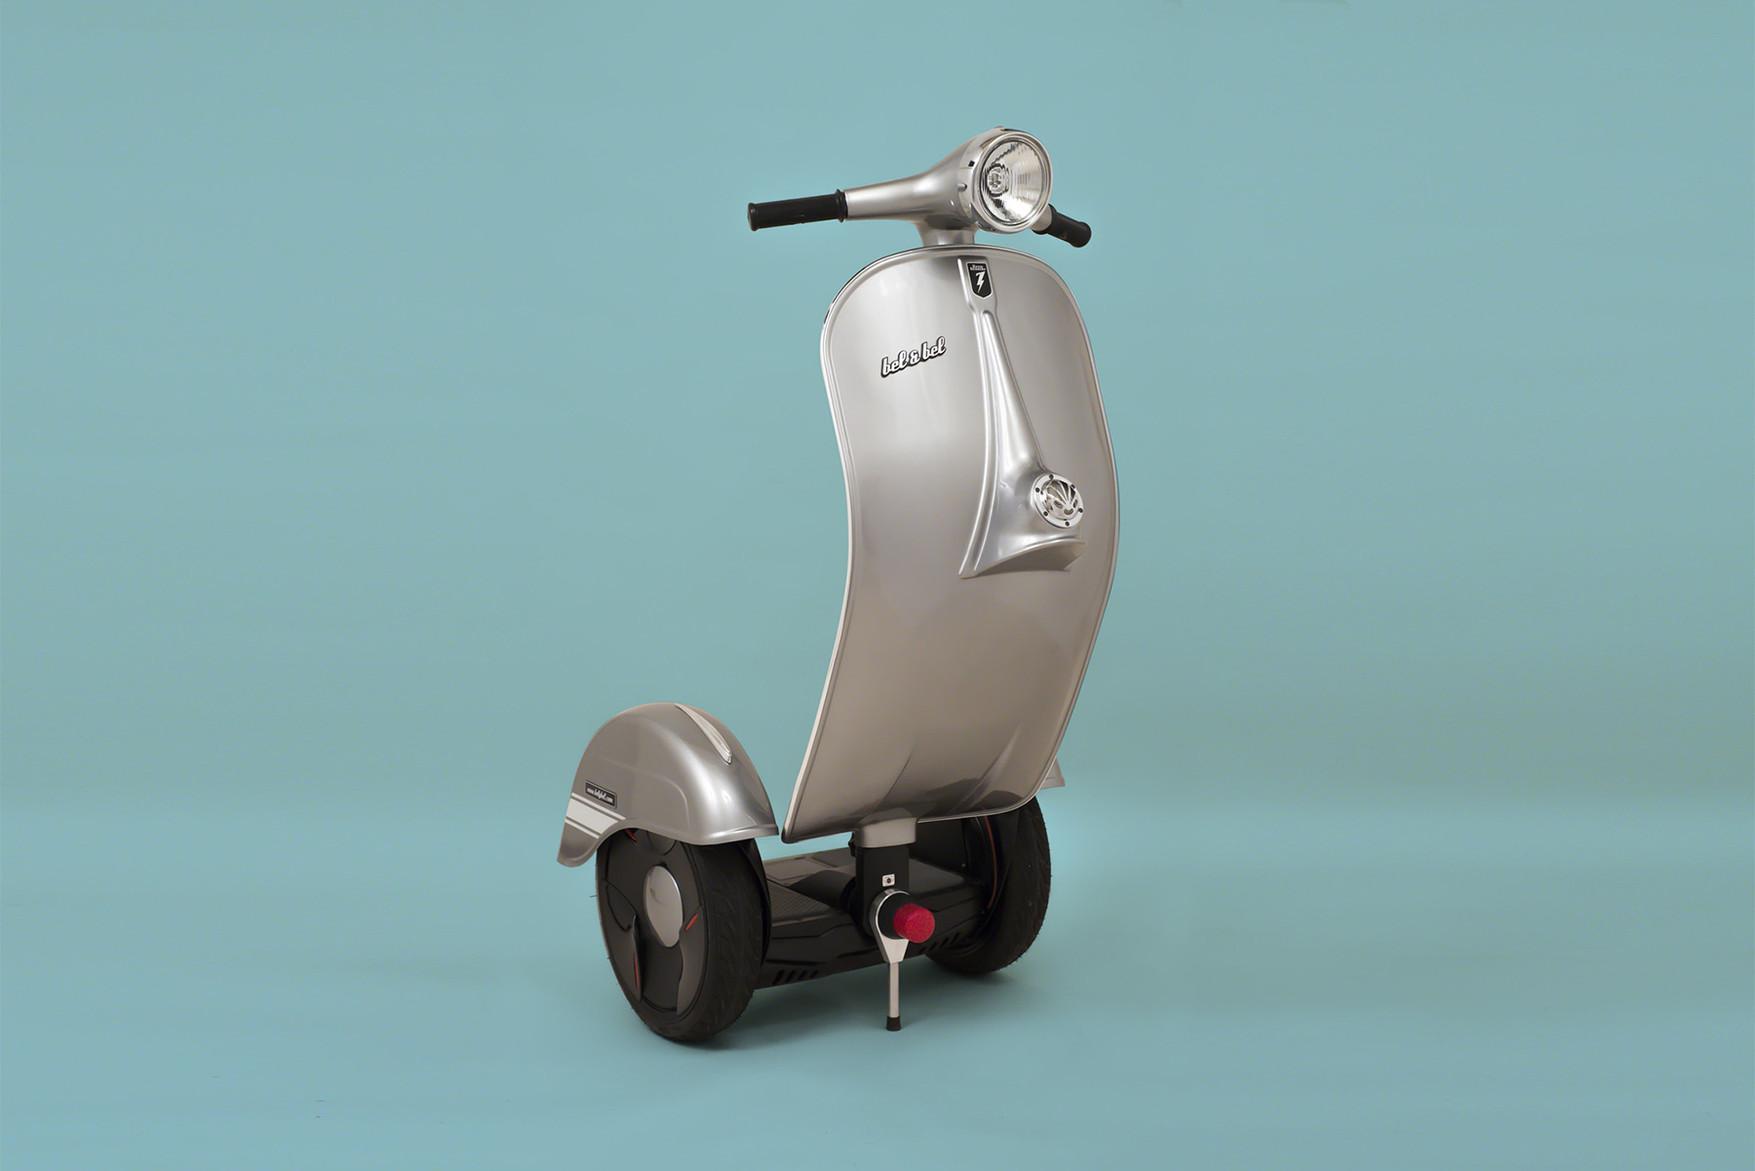 https_hypebeast.comimage201807bel-bel-studio-vespa-scooter-segway-hybrid-01